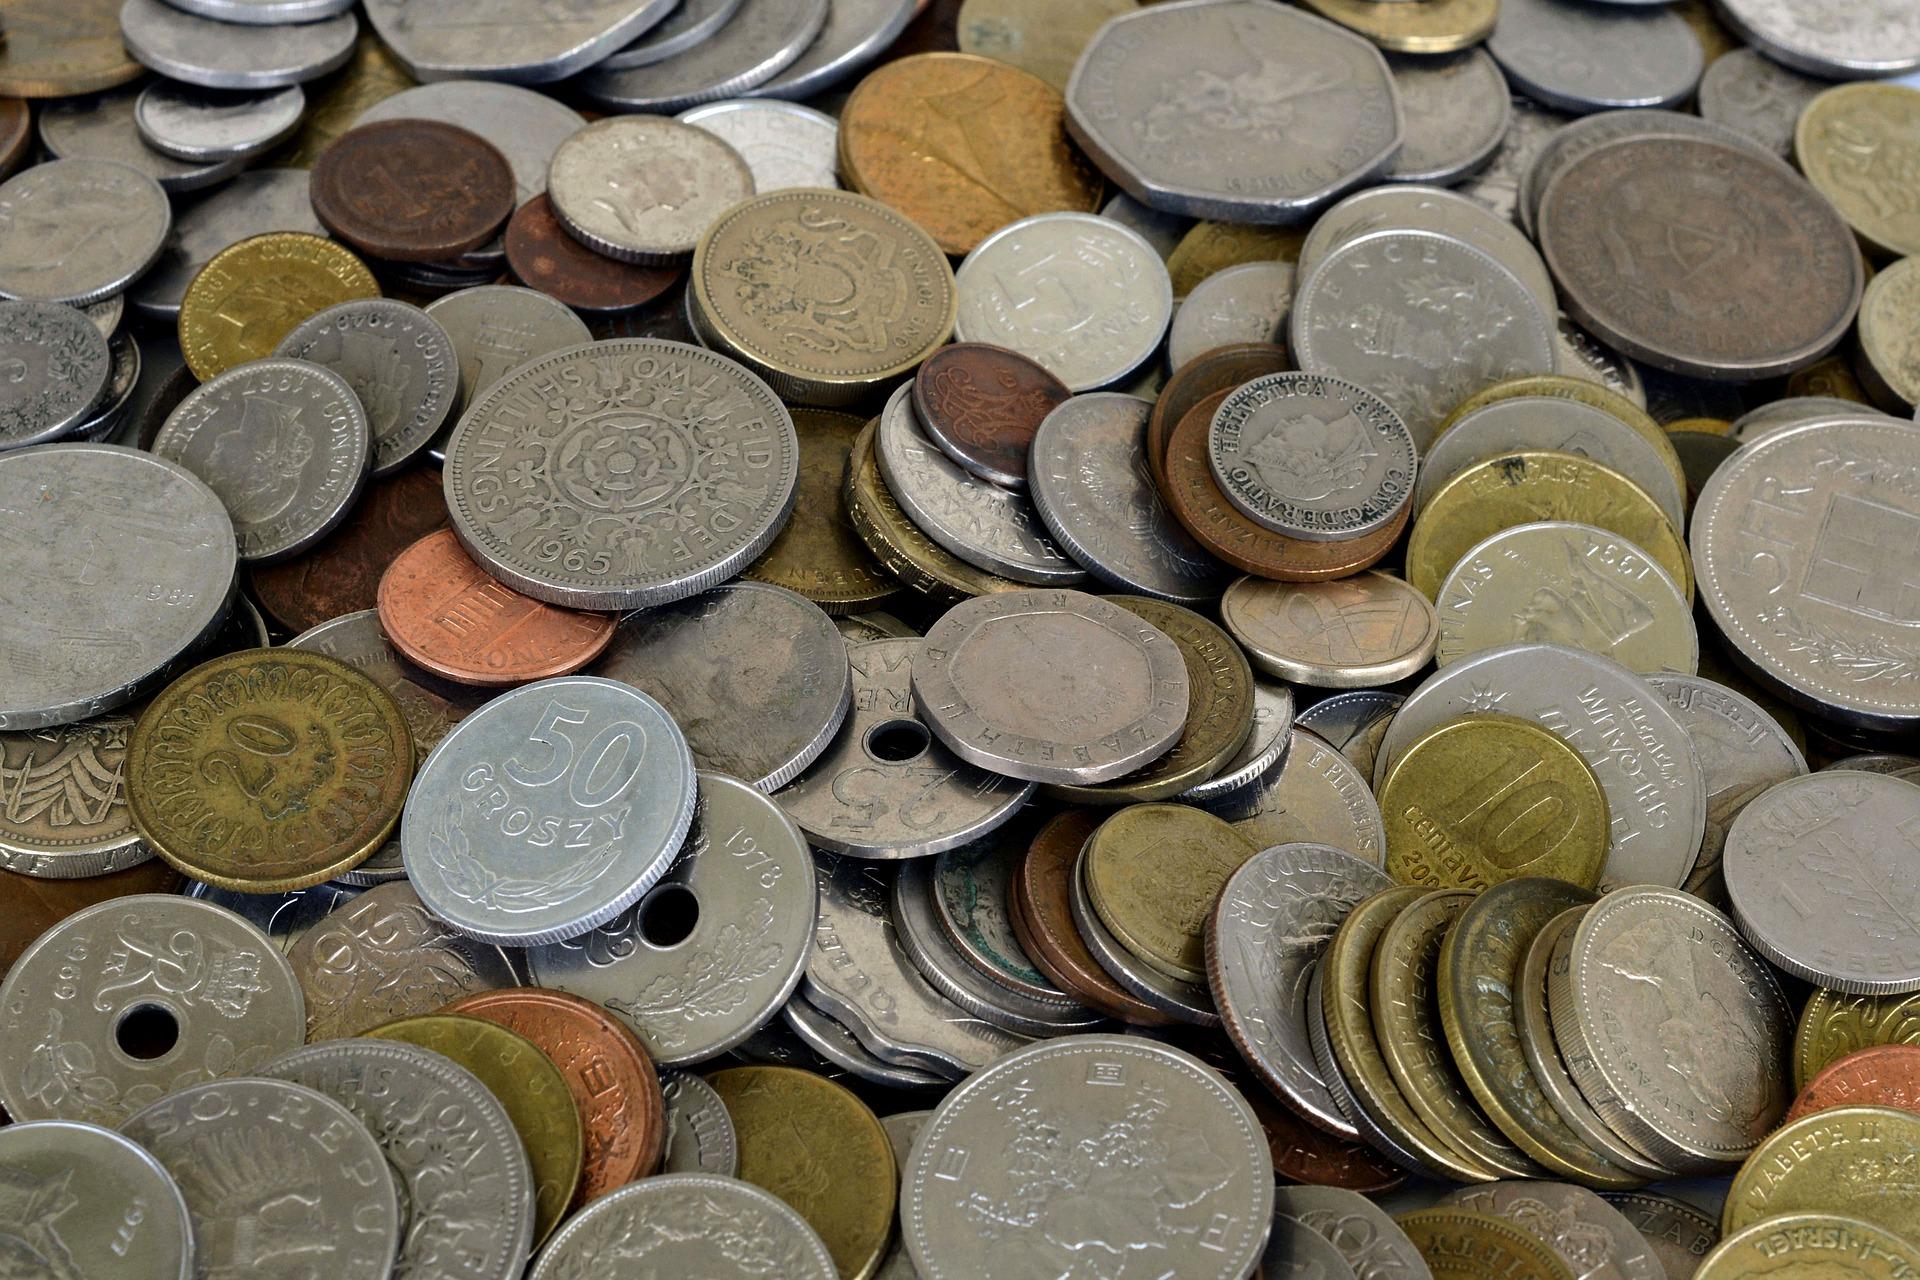 coins-1637334_1920